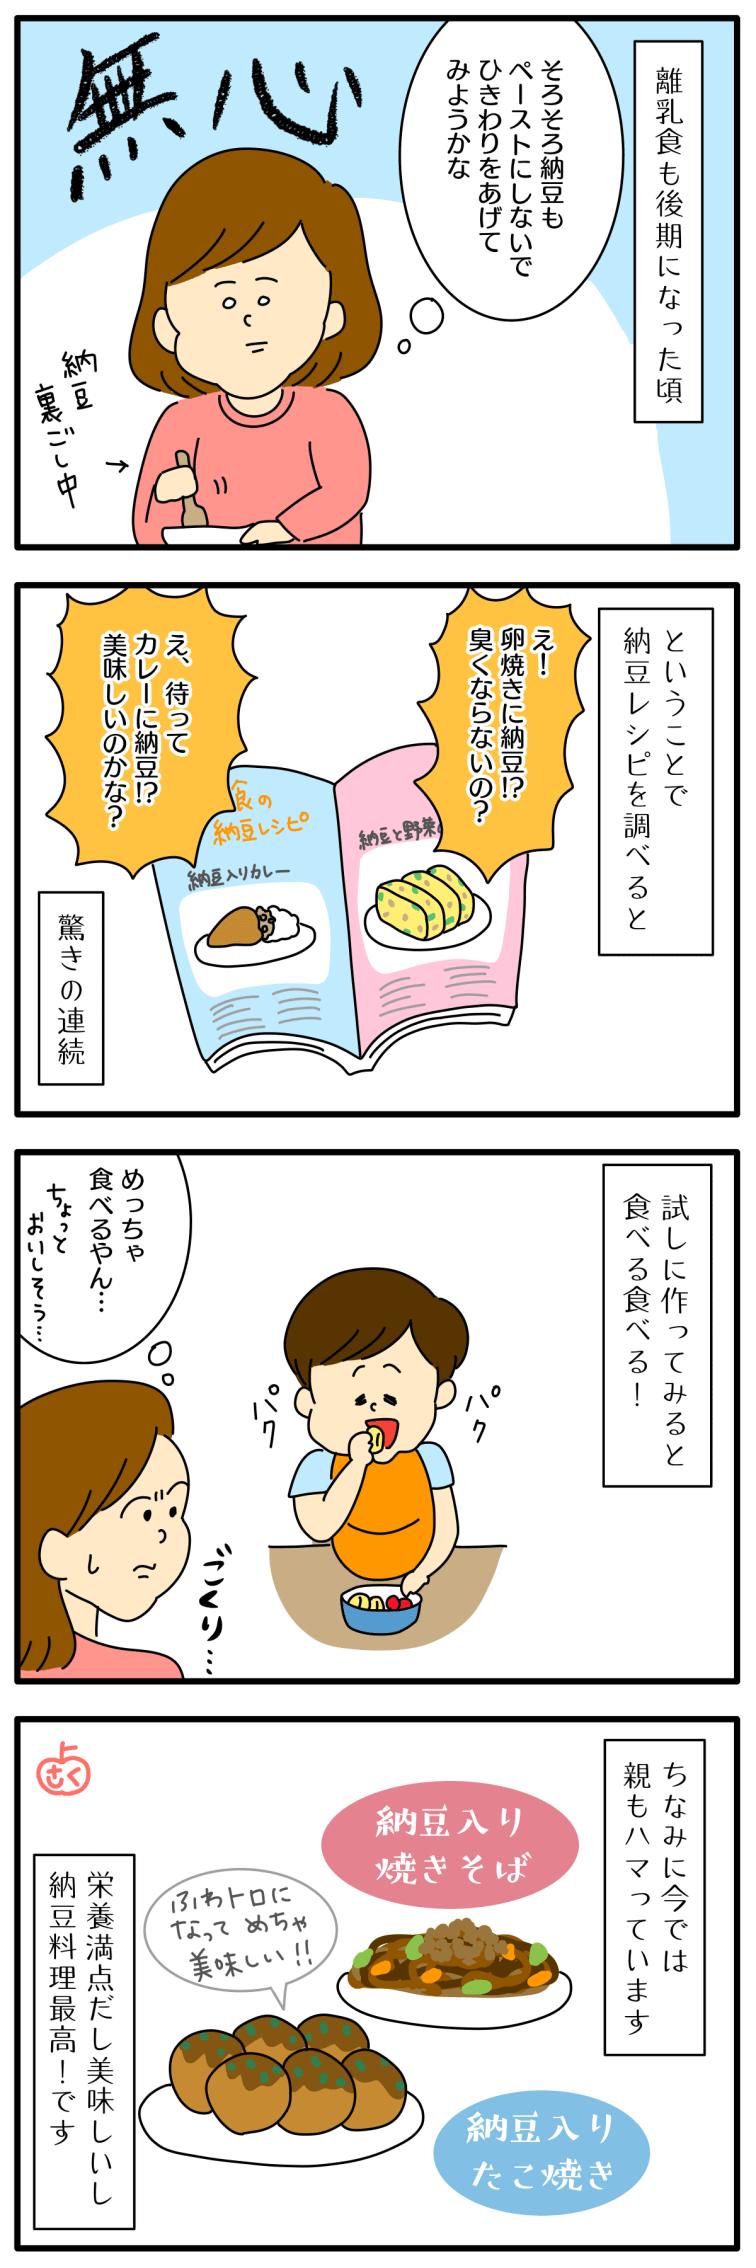 離乳食の納豆についての永岡さくら(saku)さんの子育て4コマ漫画